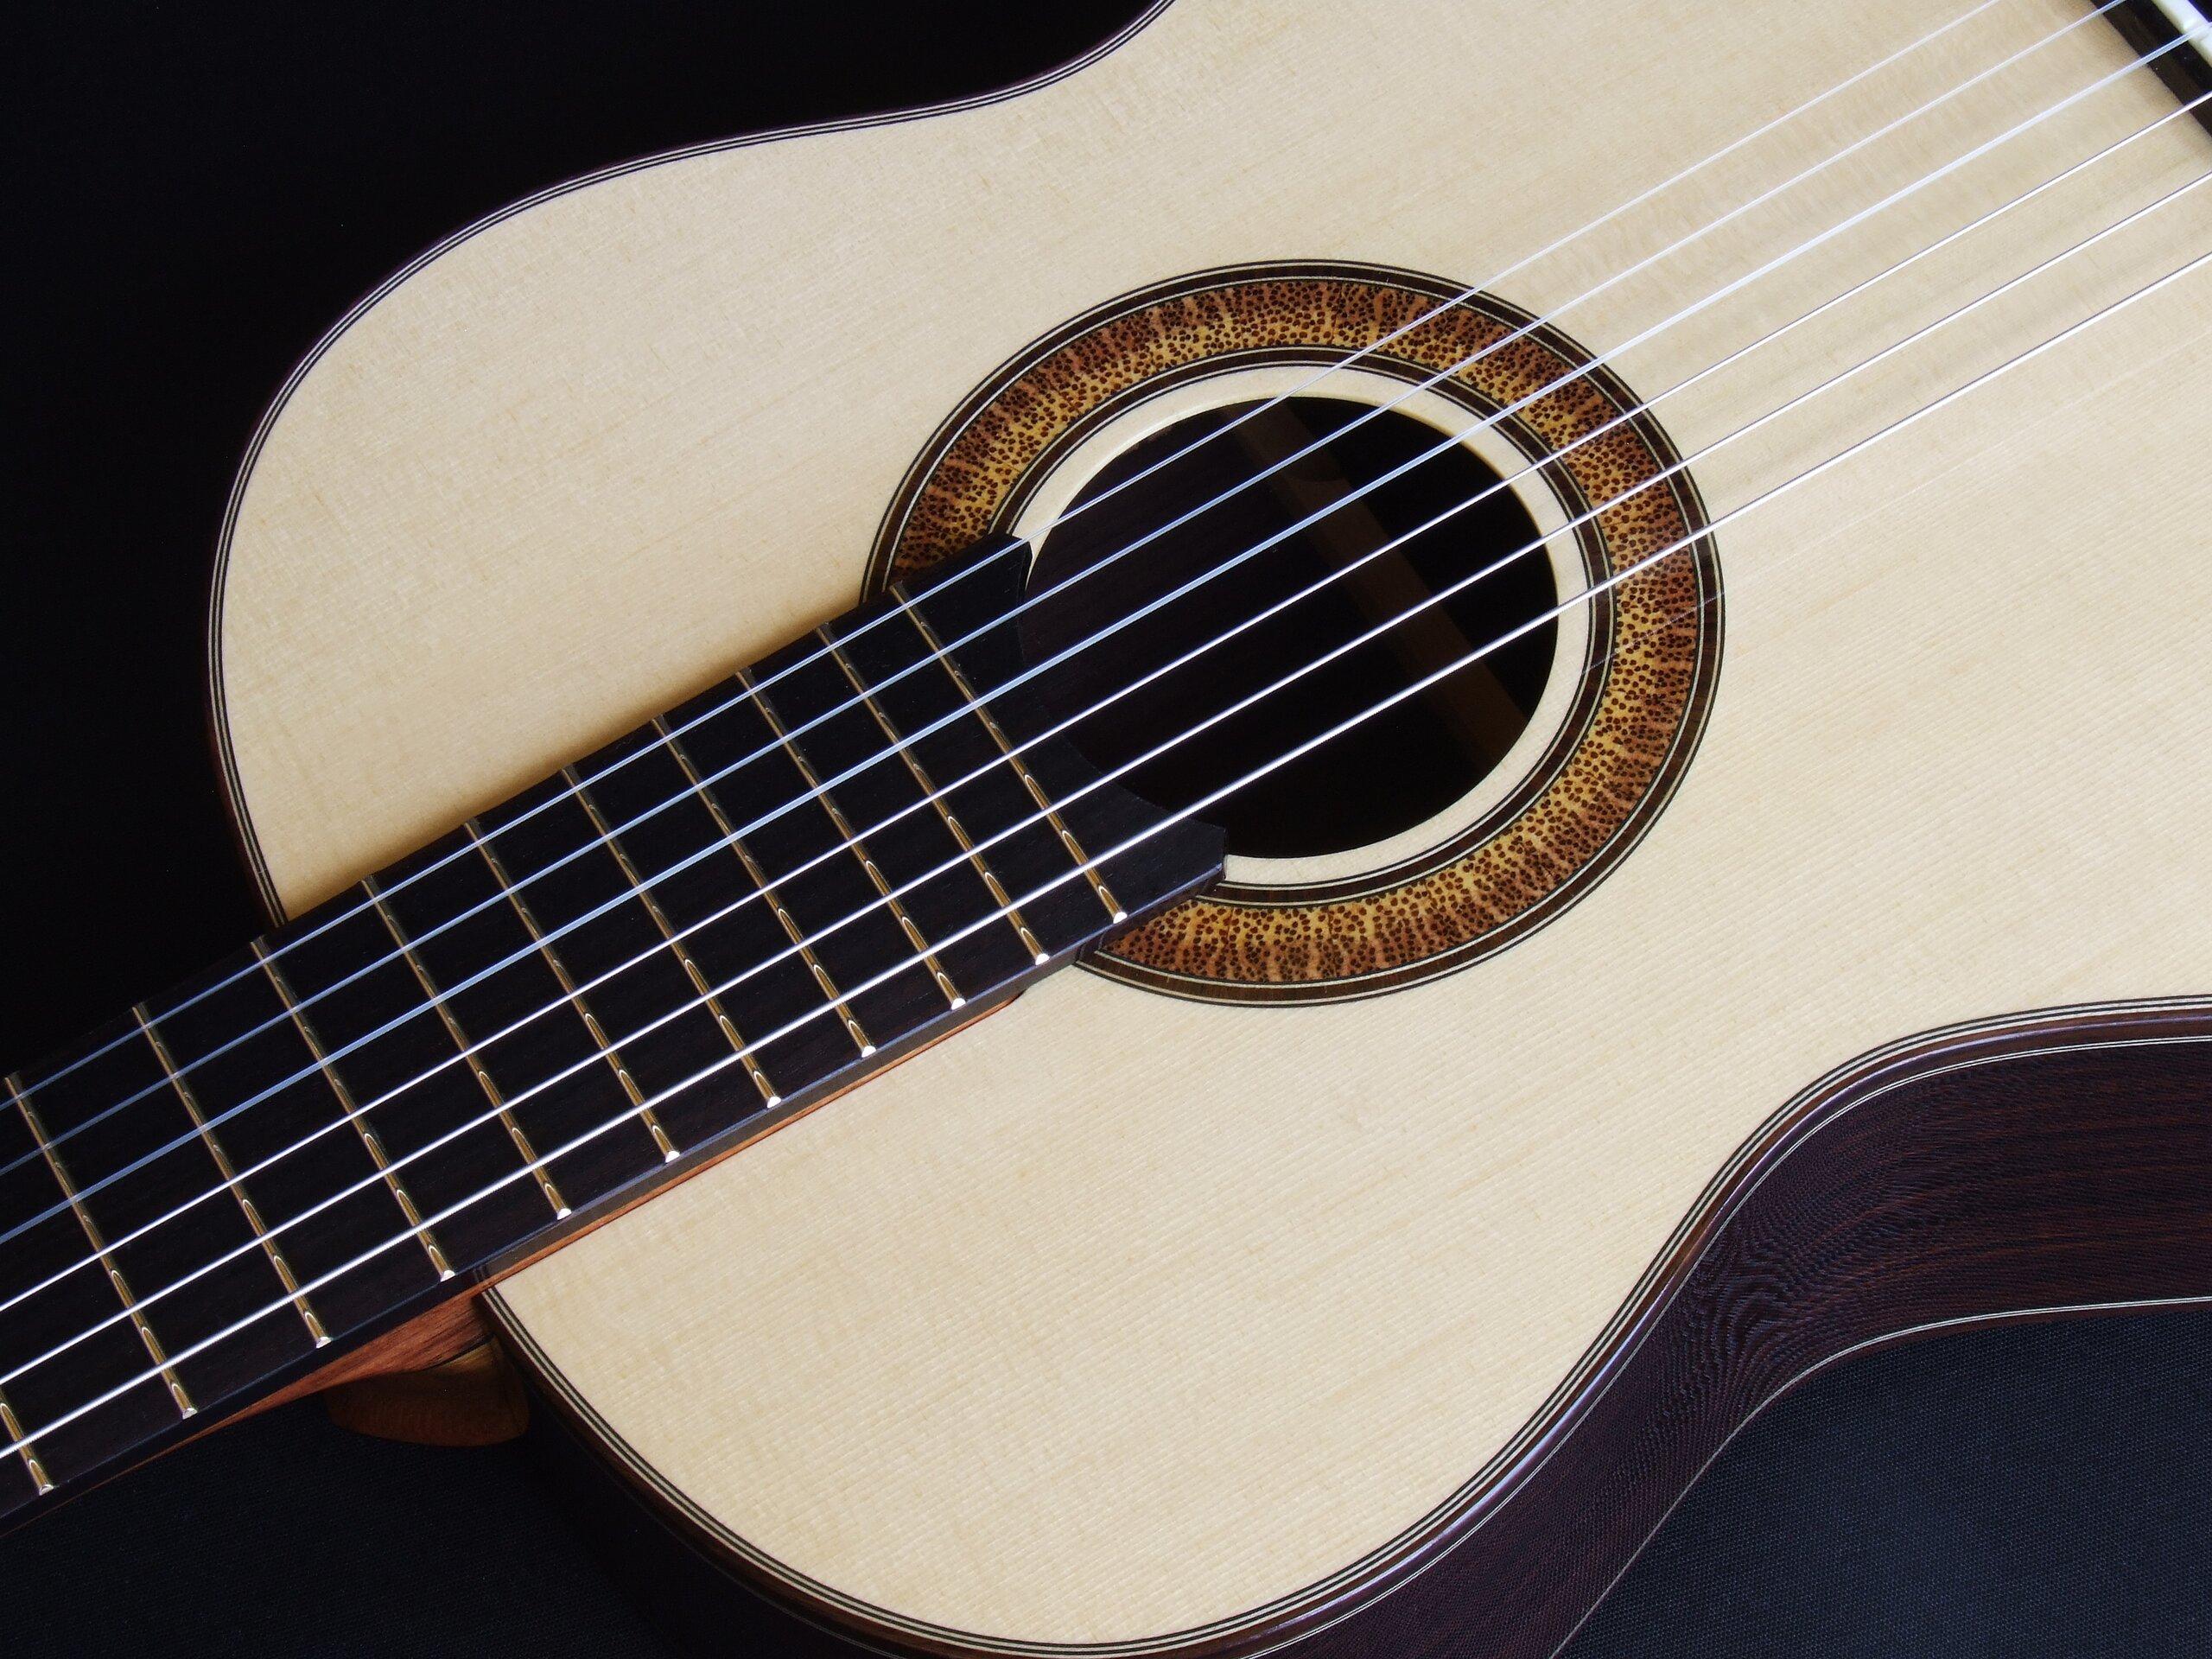 Natural sunburst rosette in a small body classical guitar top